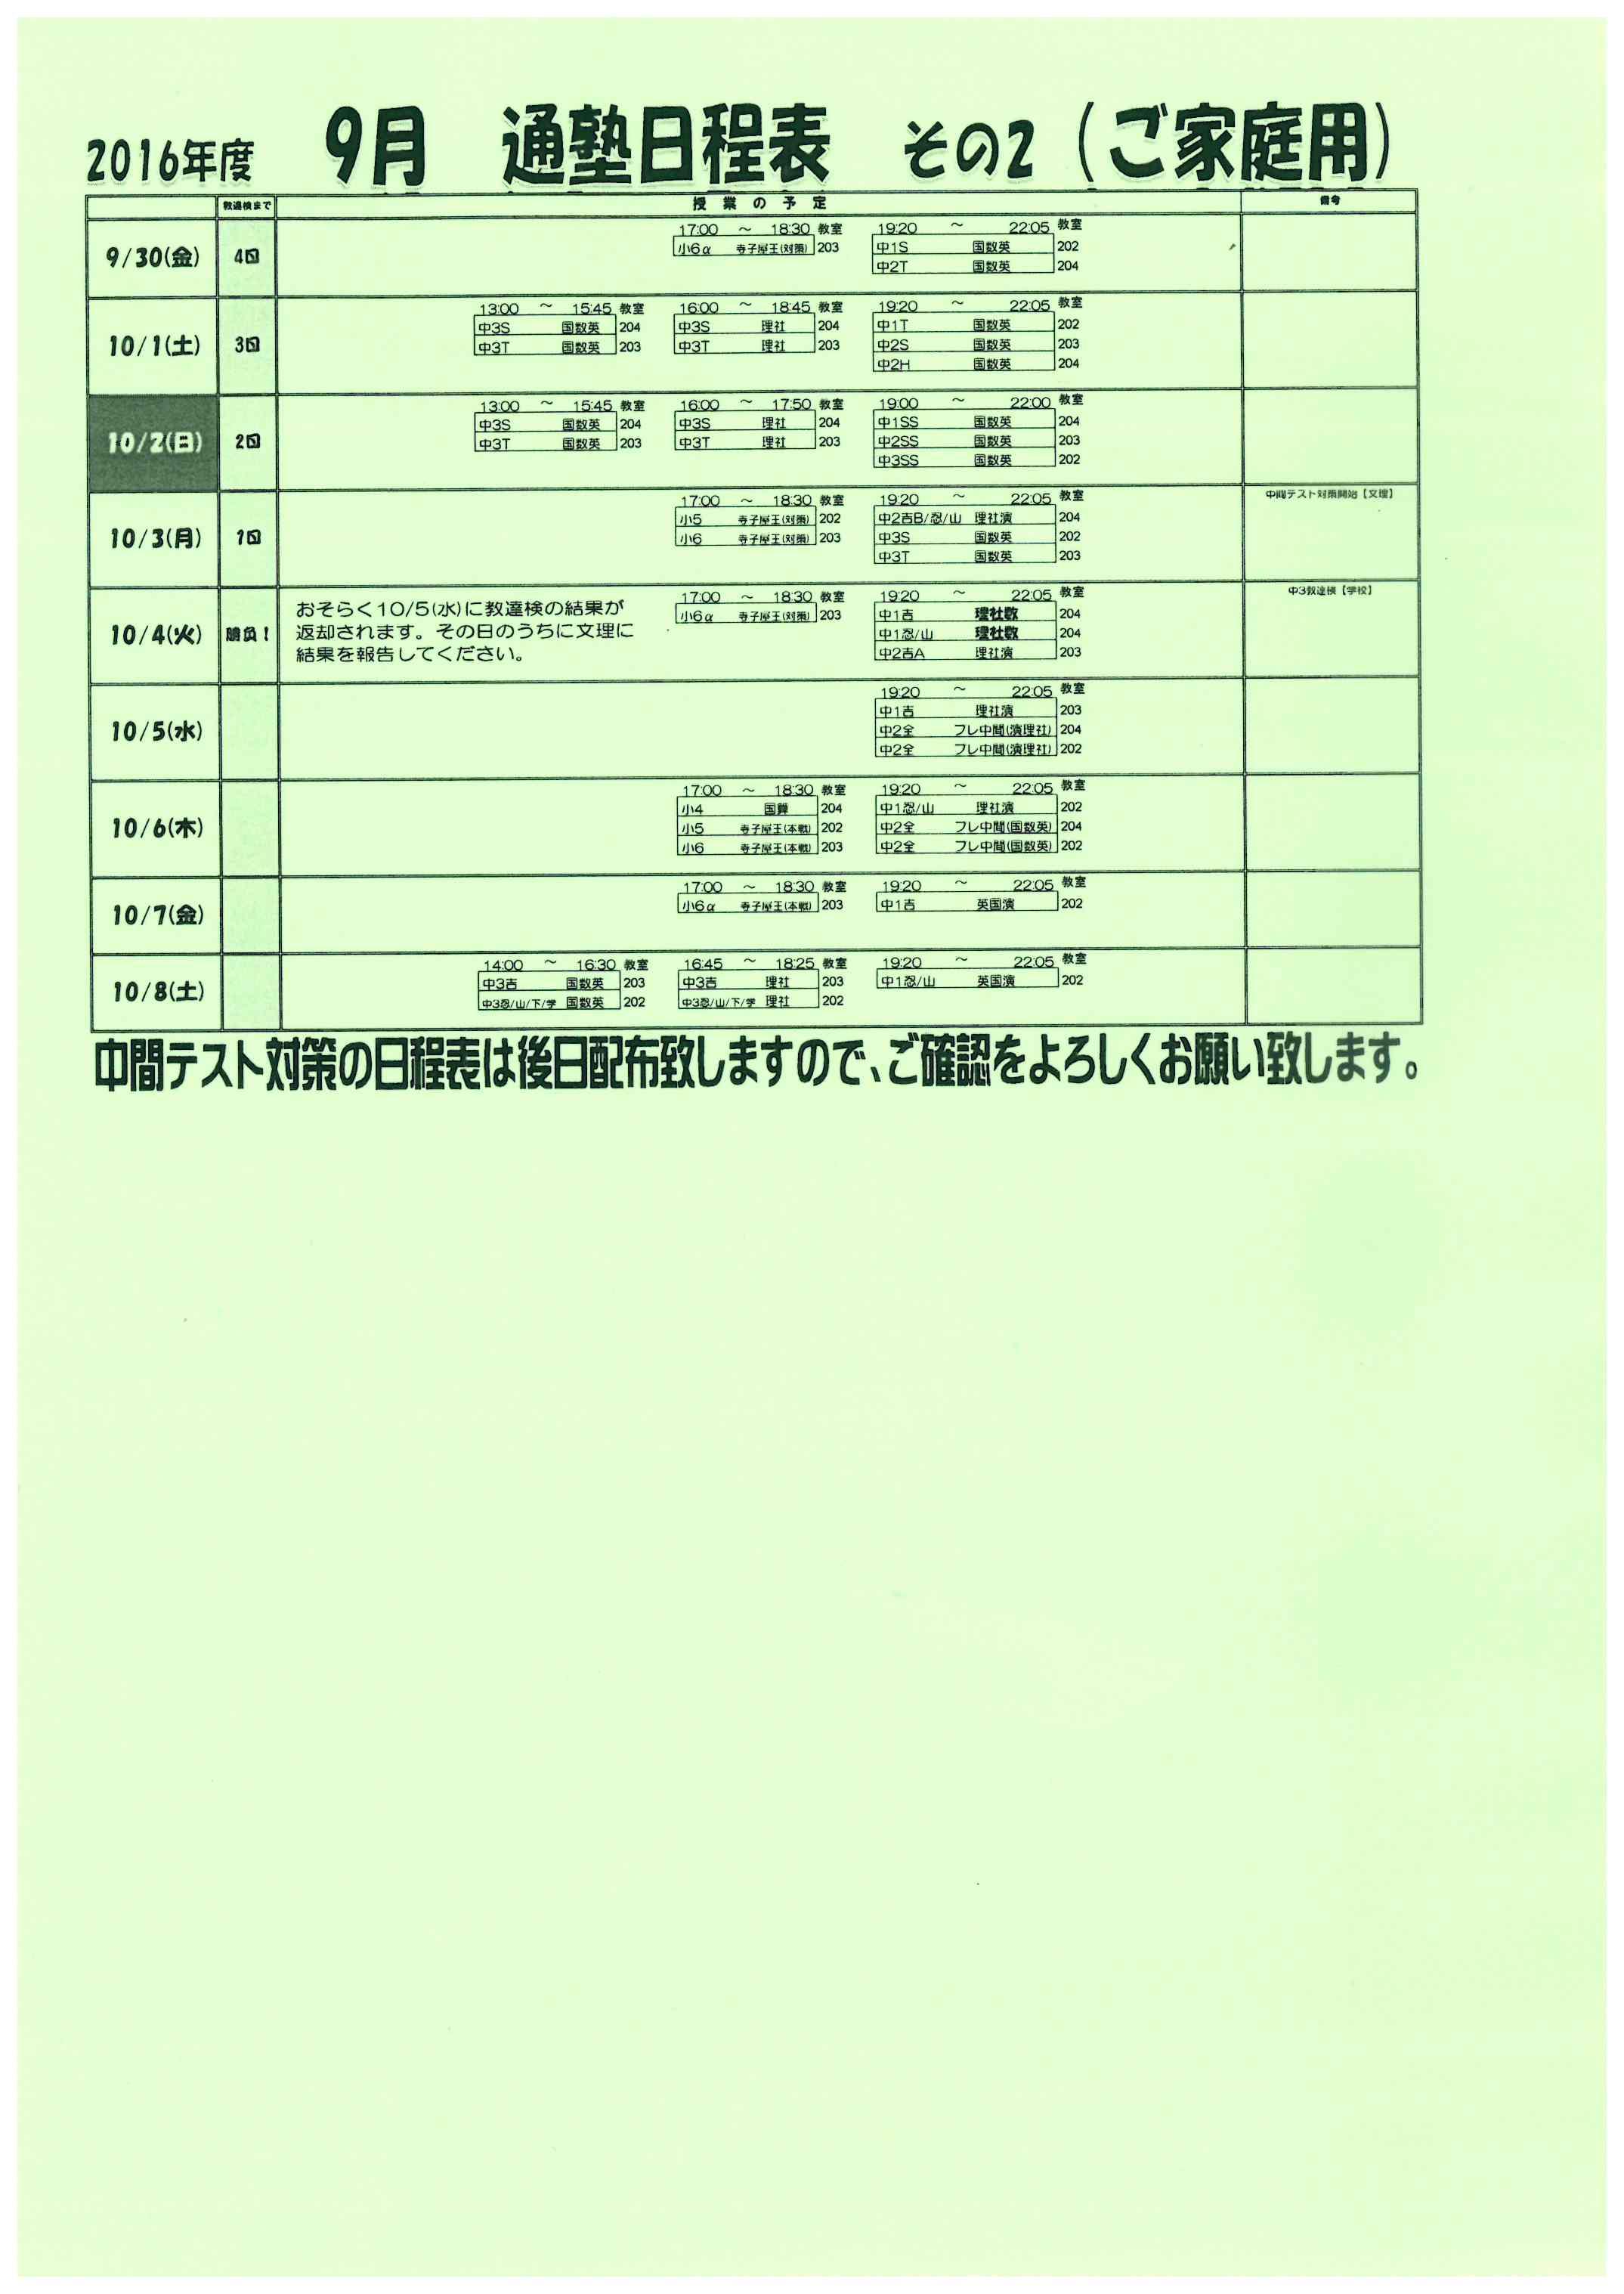 20160824 9月スケ (3)